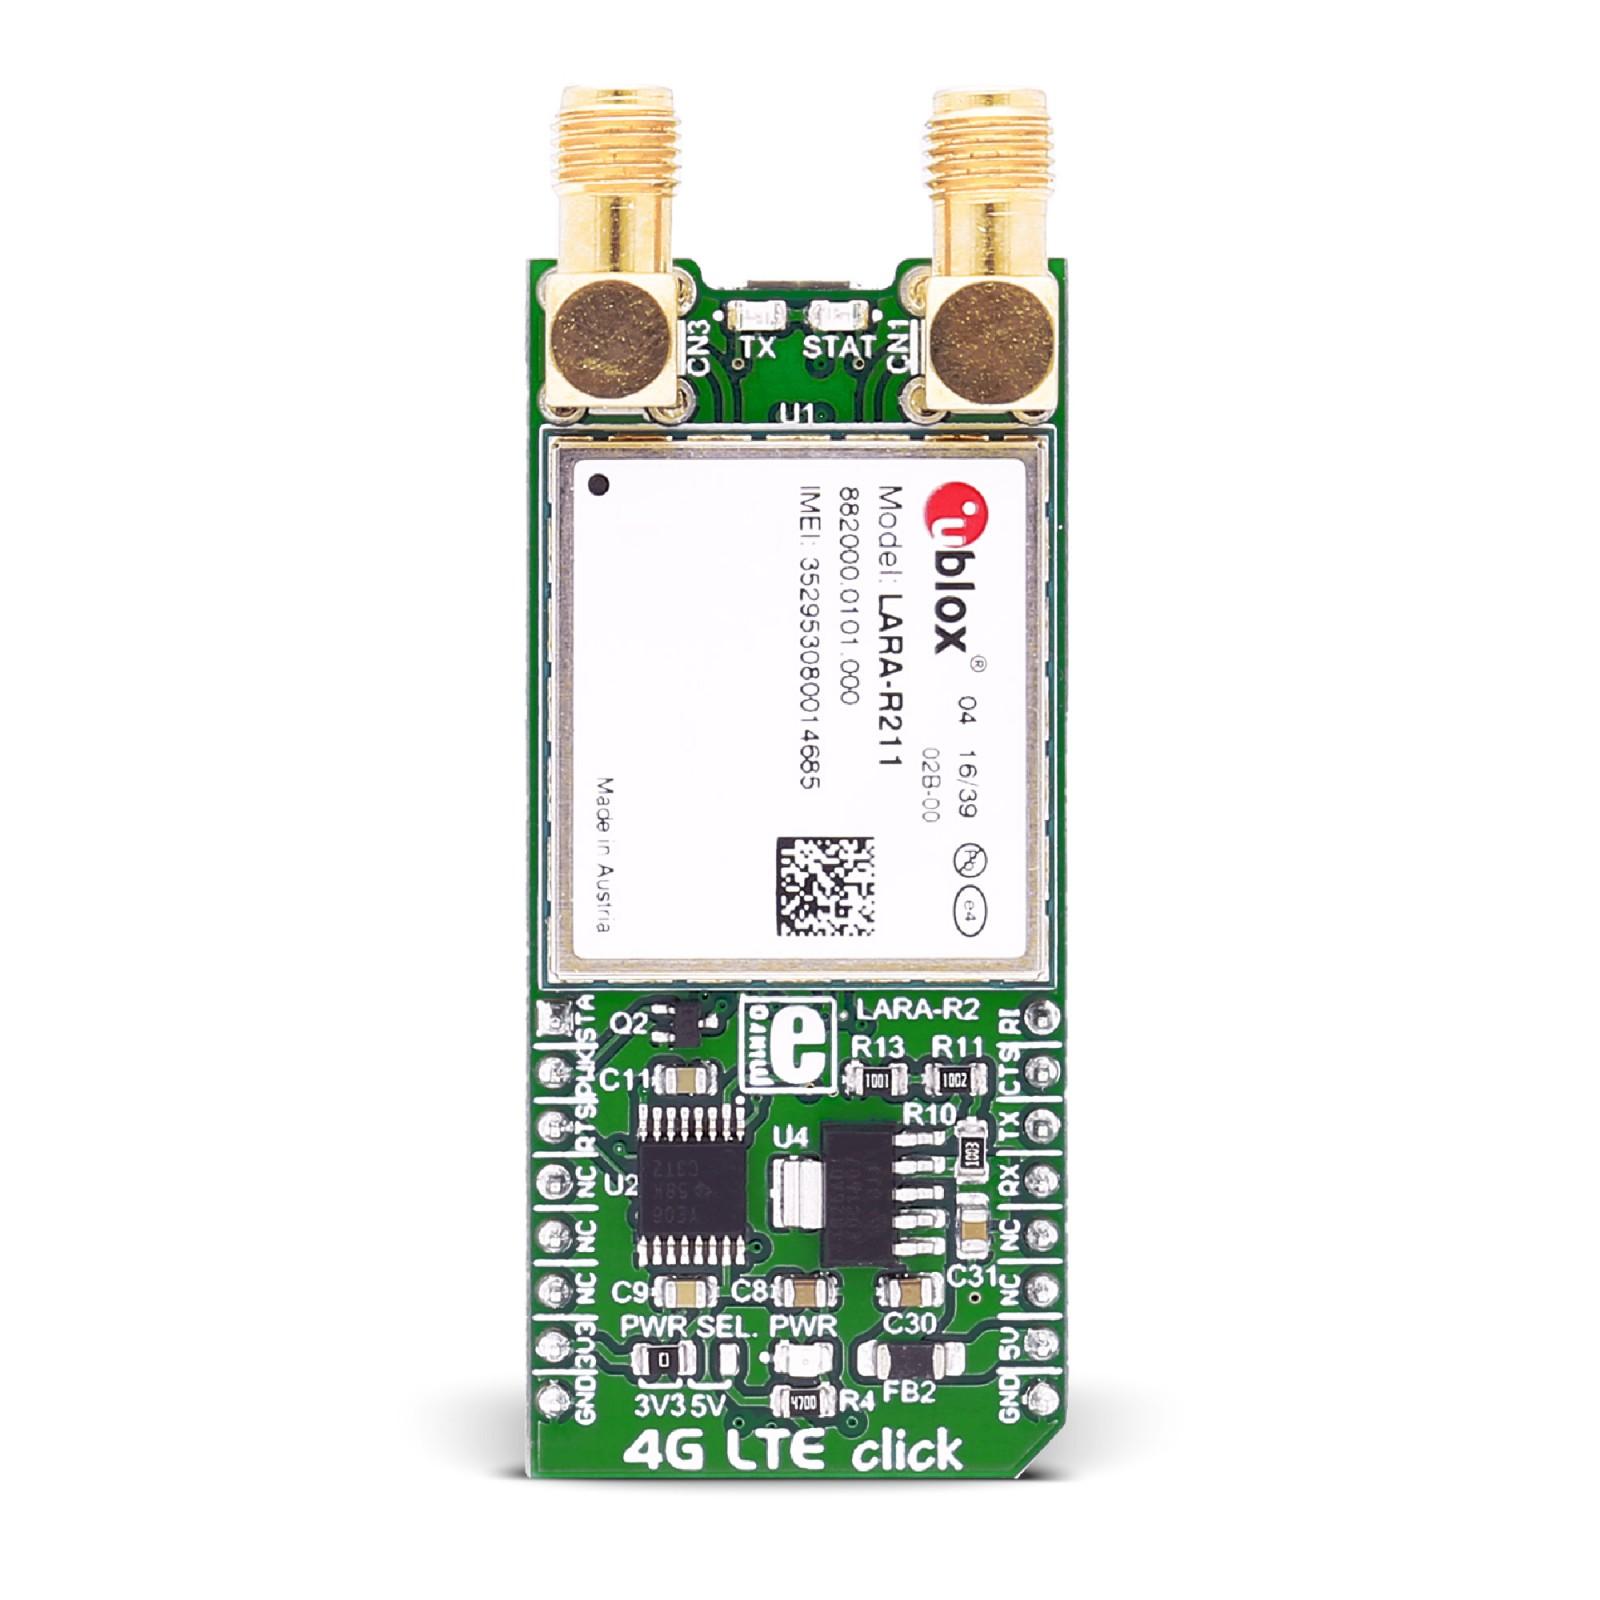 4G LTE-E Click Board - MikroElektronika